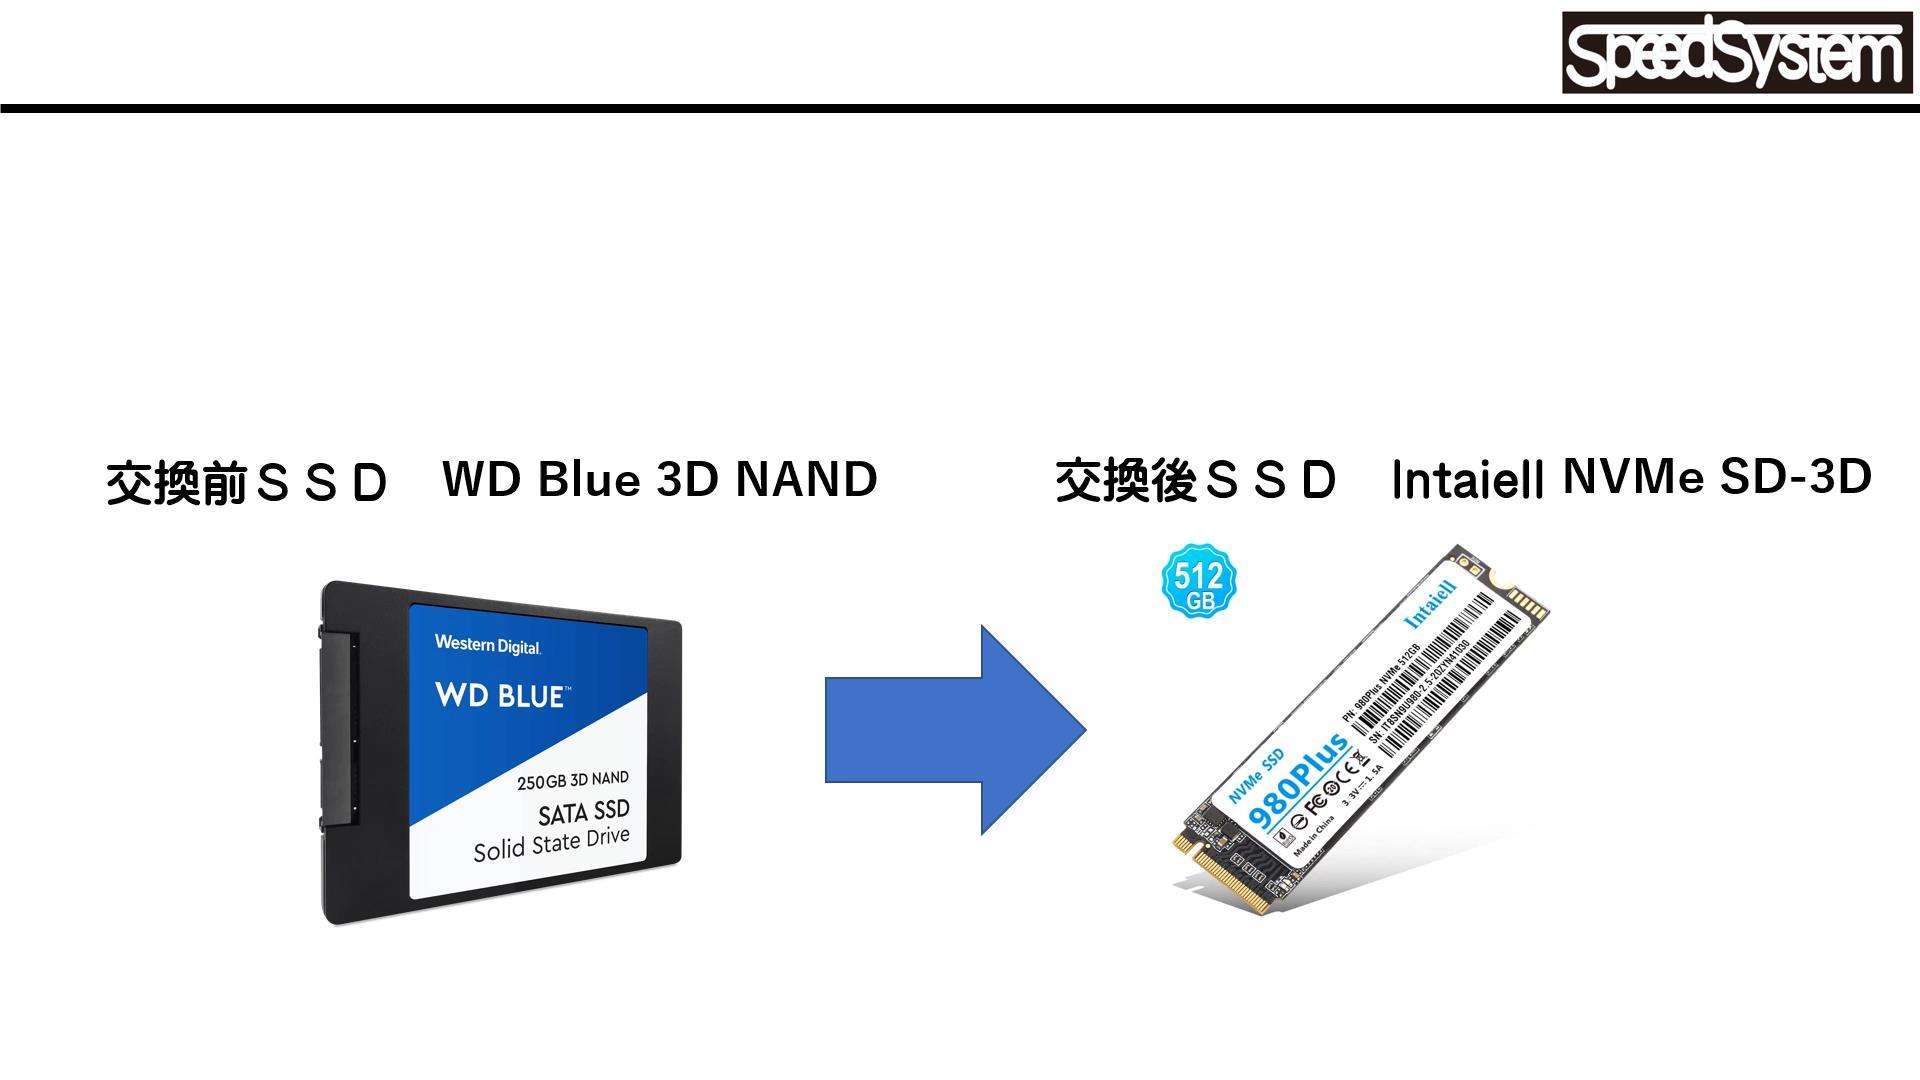 中国製の無名SDDに交換し、アクセス速度計測